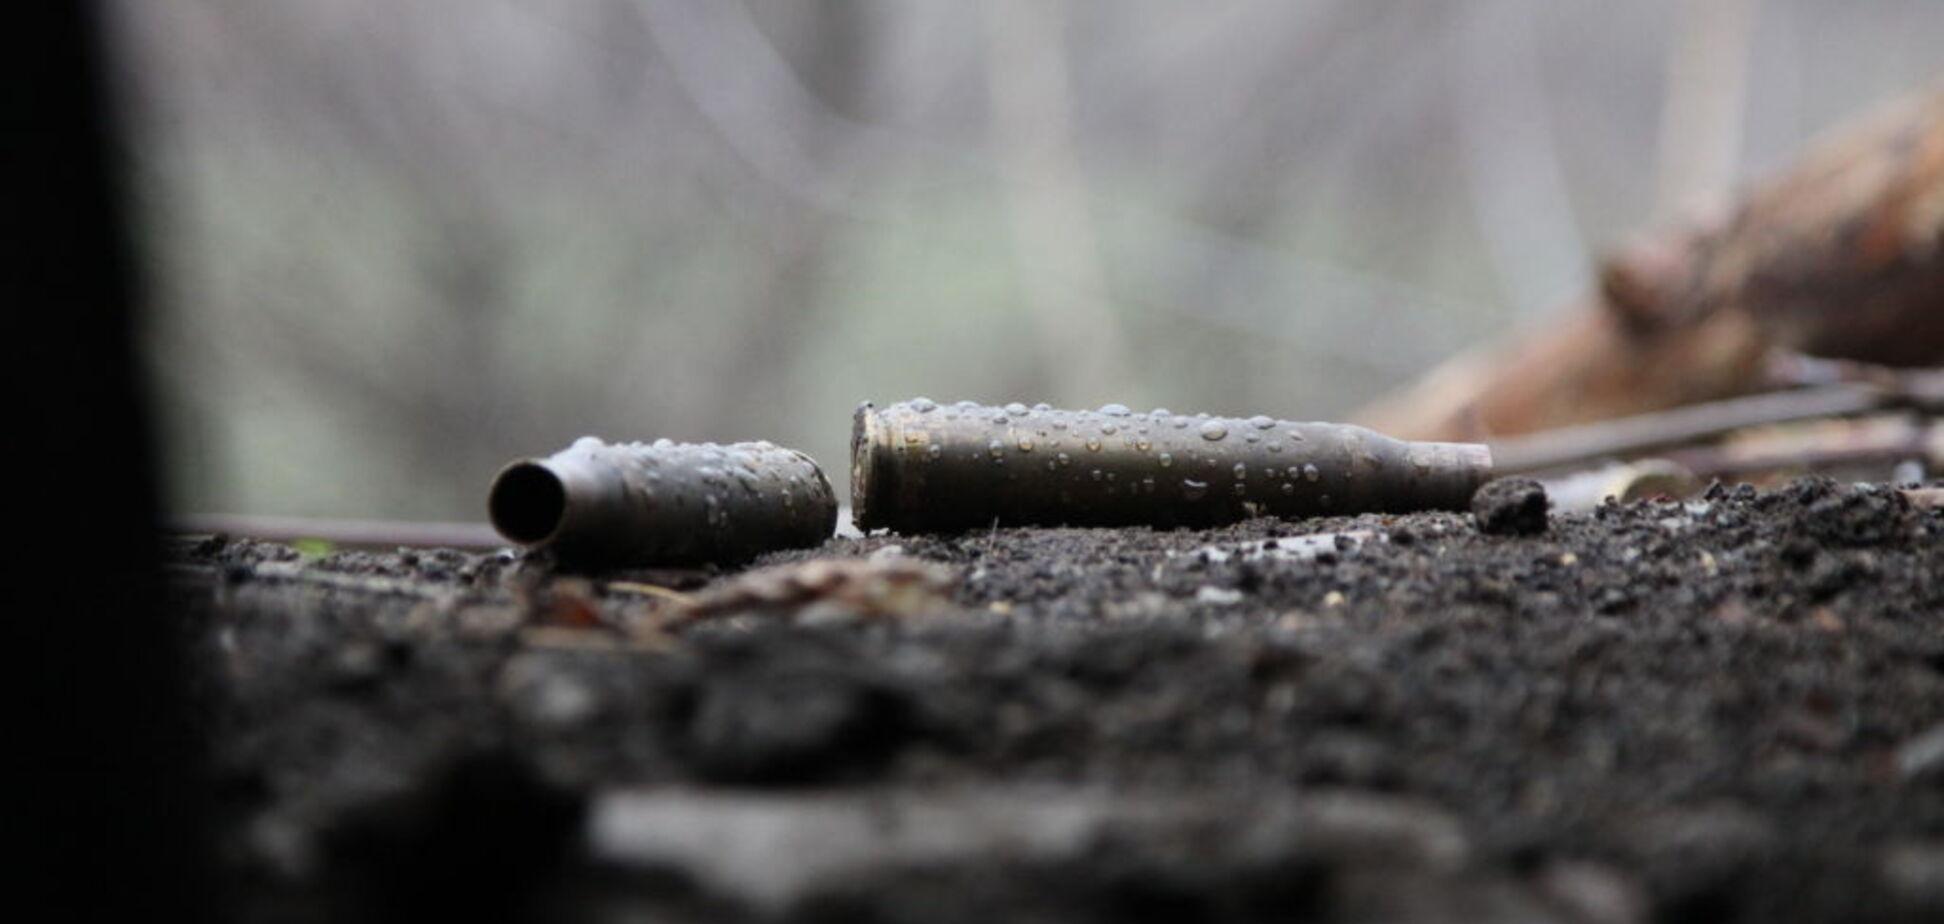 Под угрозой мирные жители: стало известно о новой провокации террористов 'ДНР'